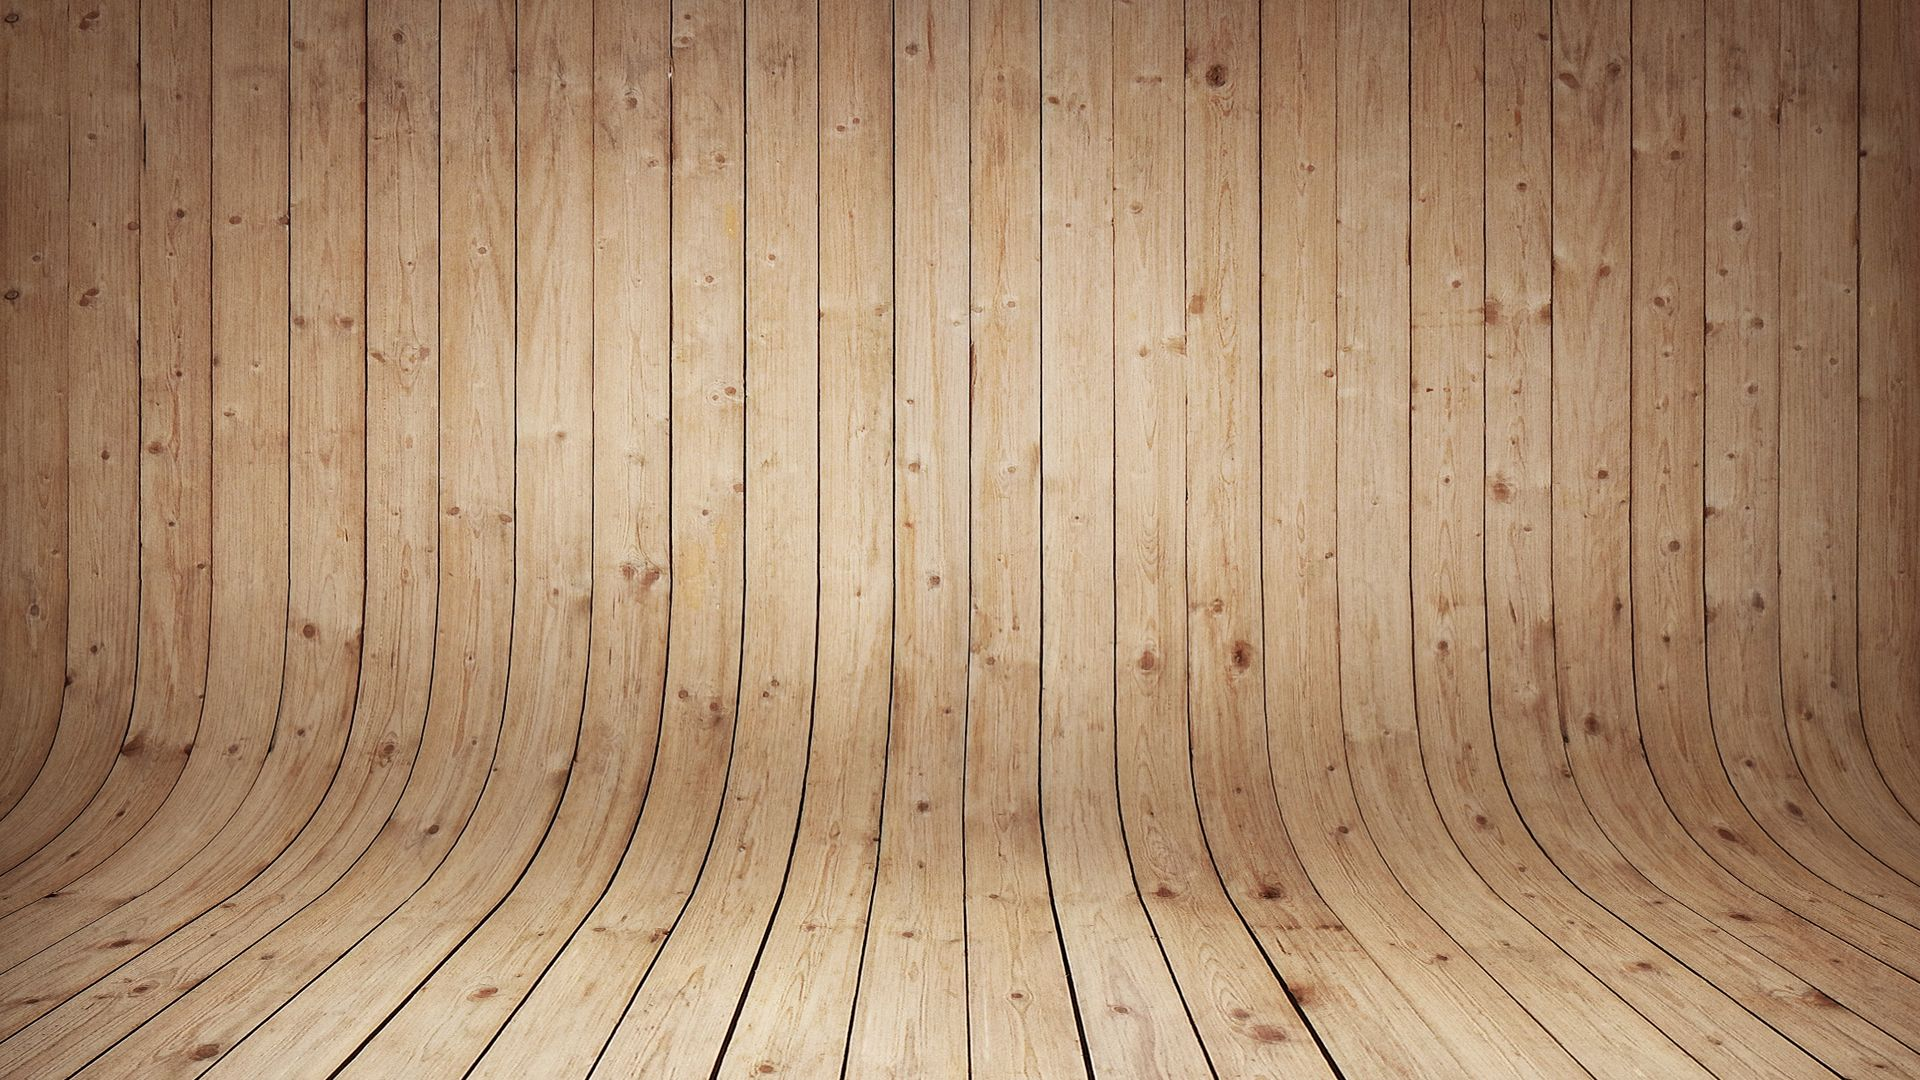 Resultado De Imagem Para Wood Background Hd